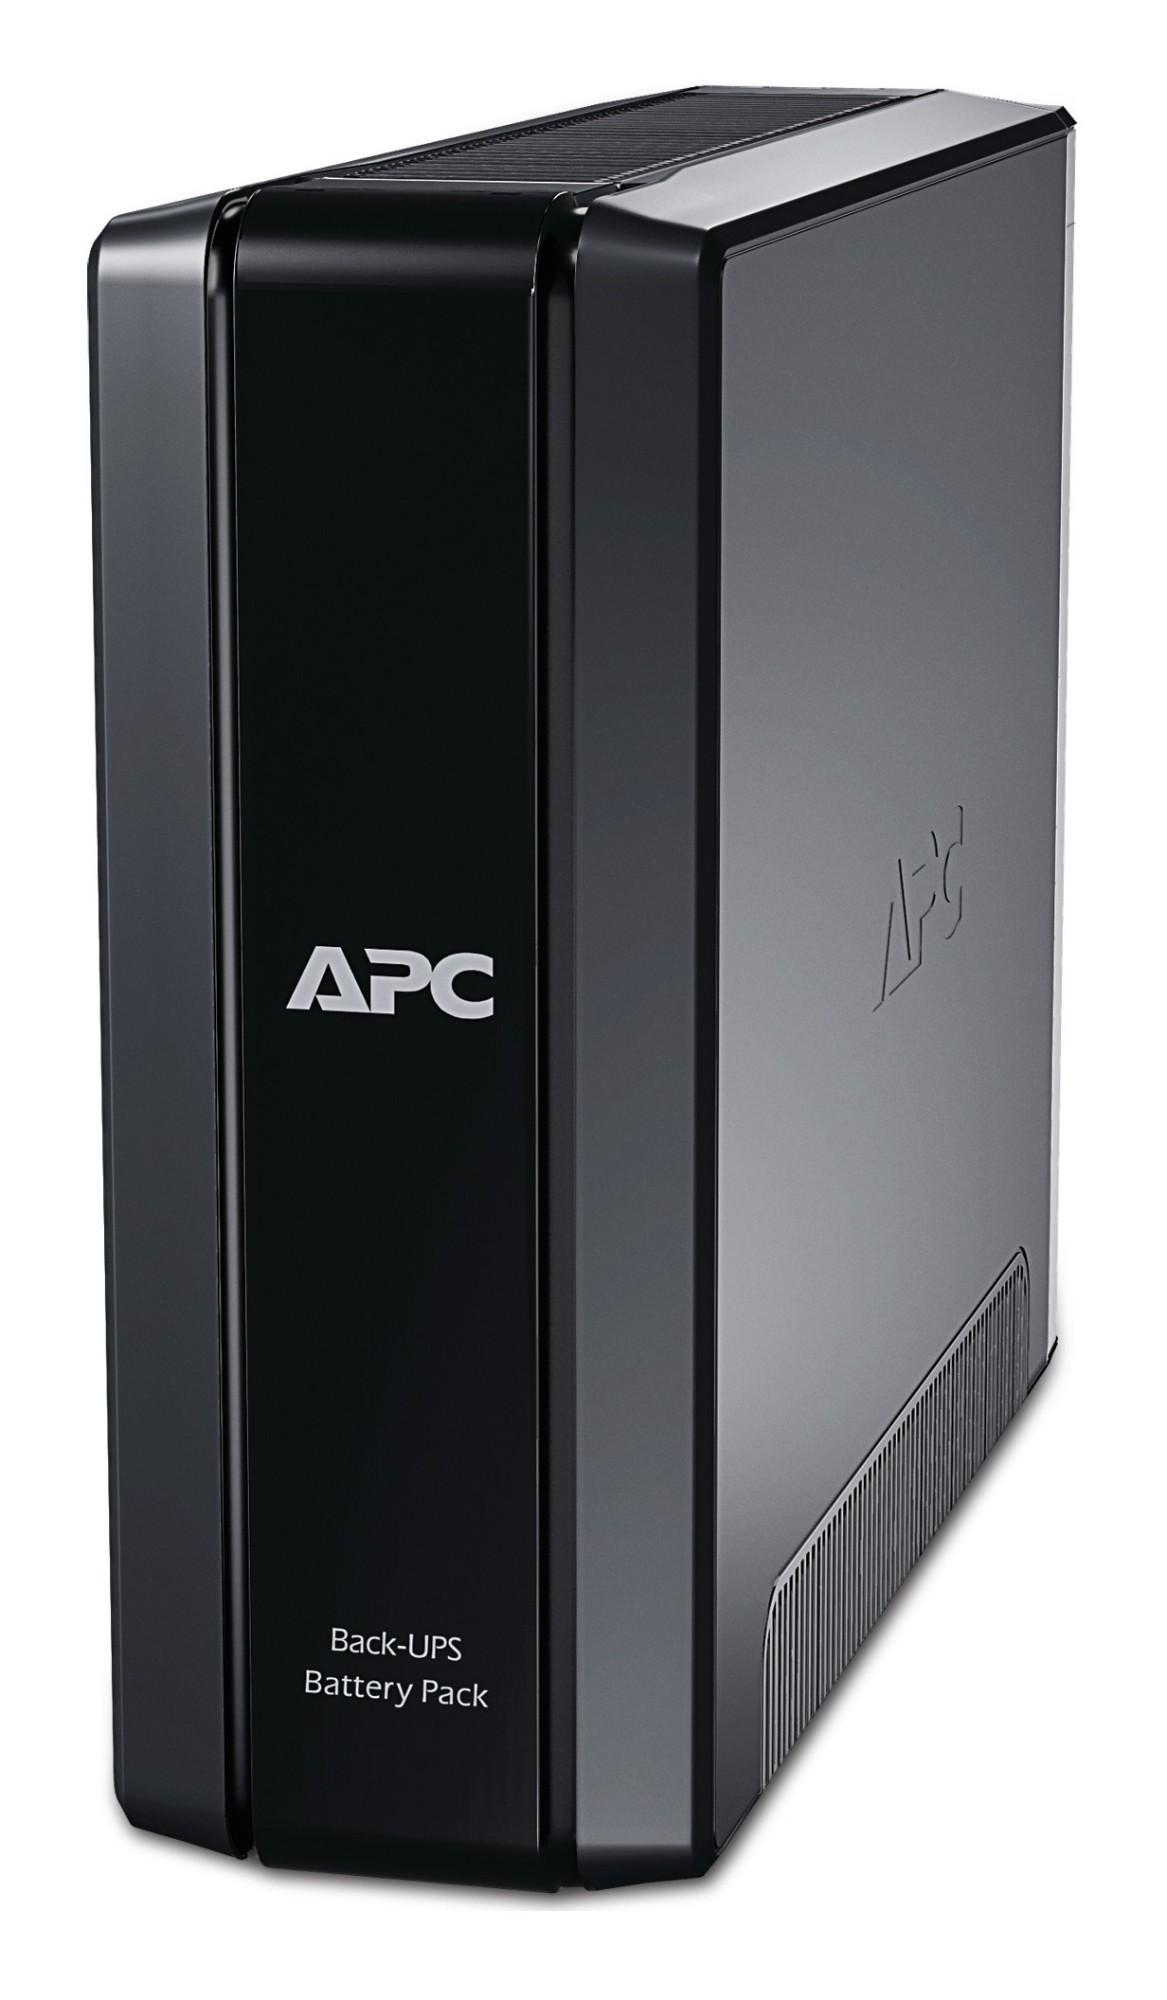 APC BR24BPG sistema de alimentación ininterrumpida (UPS)